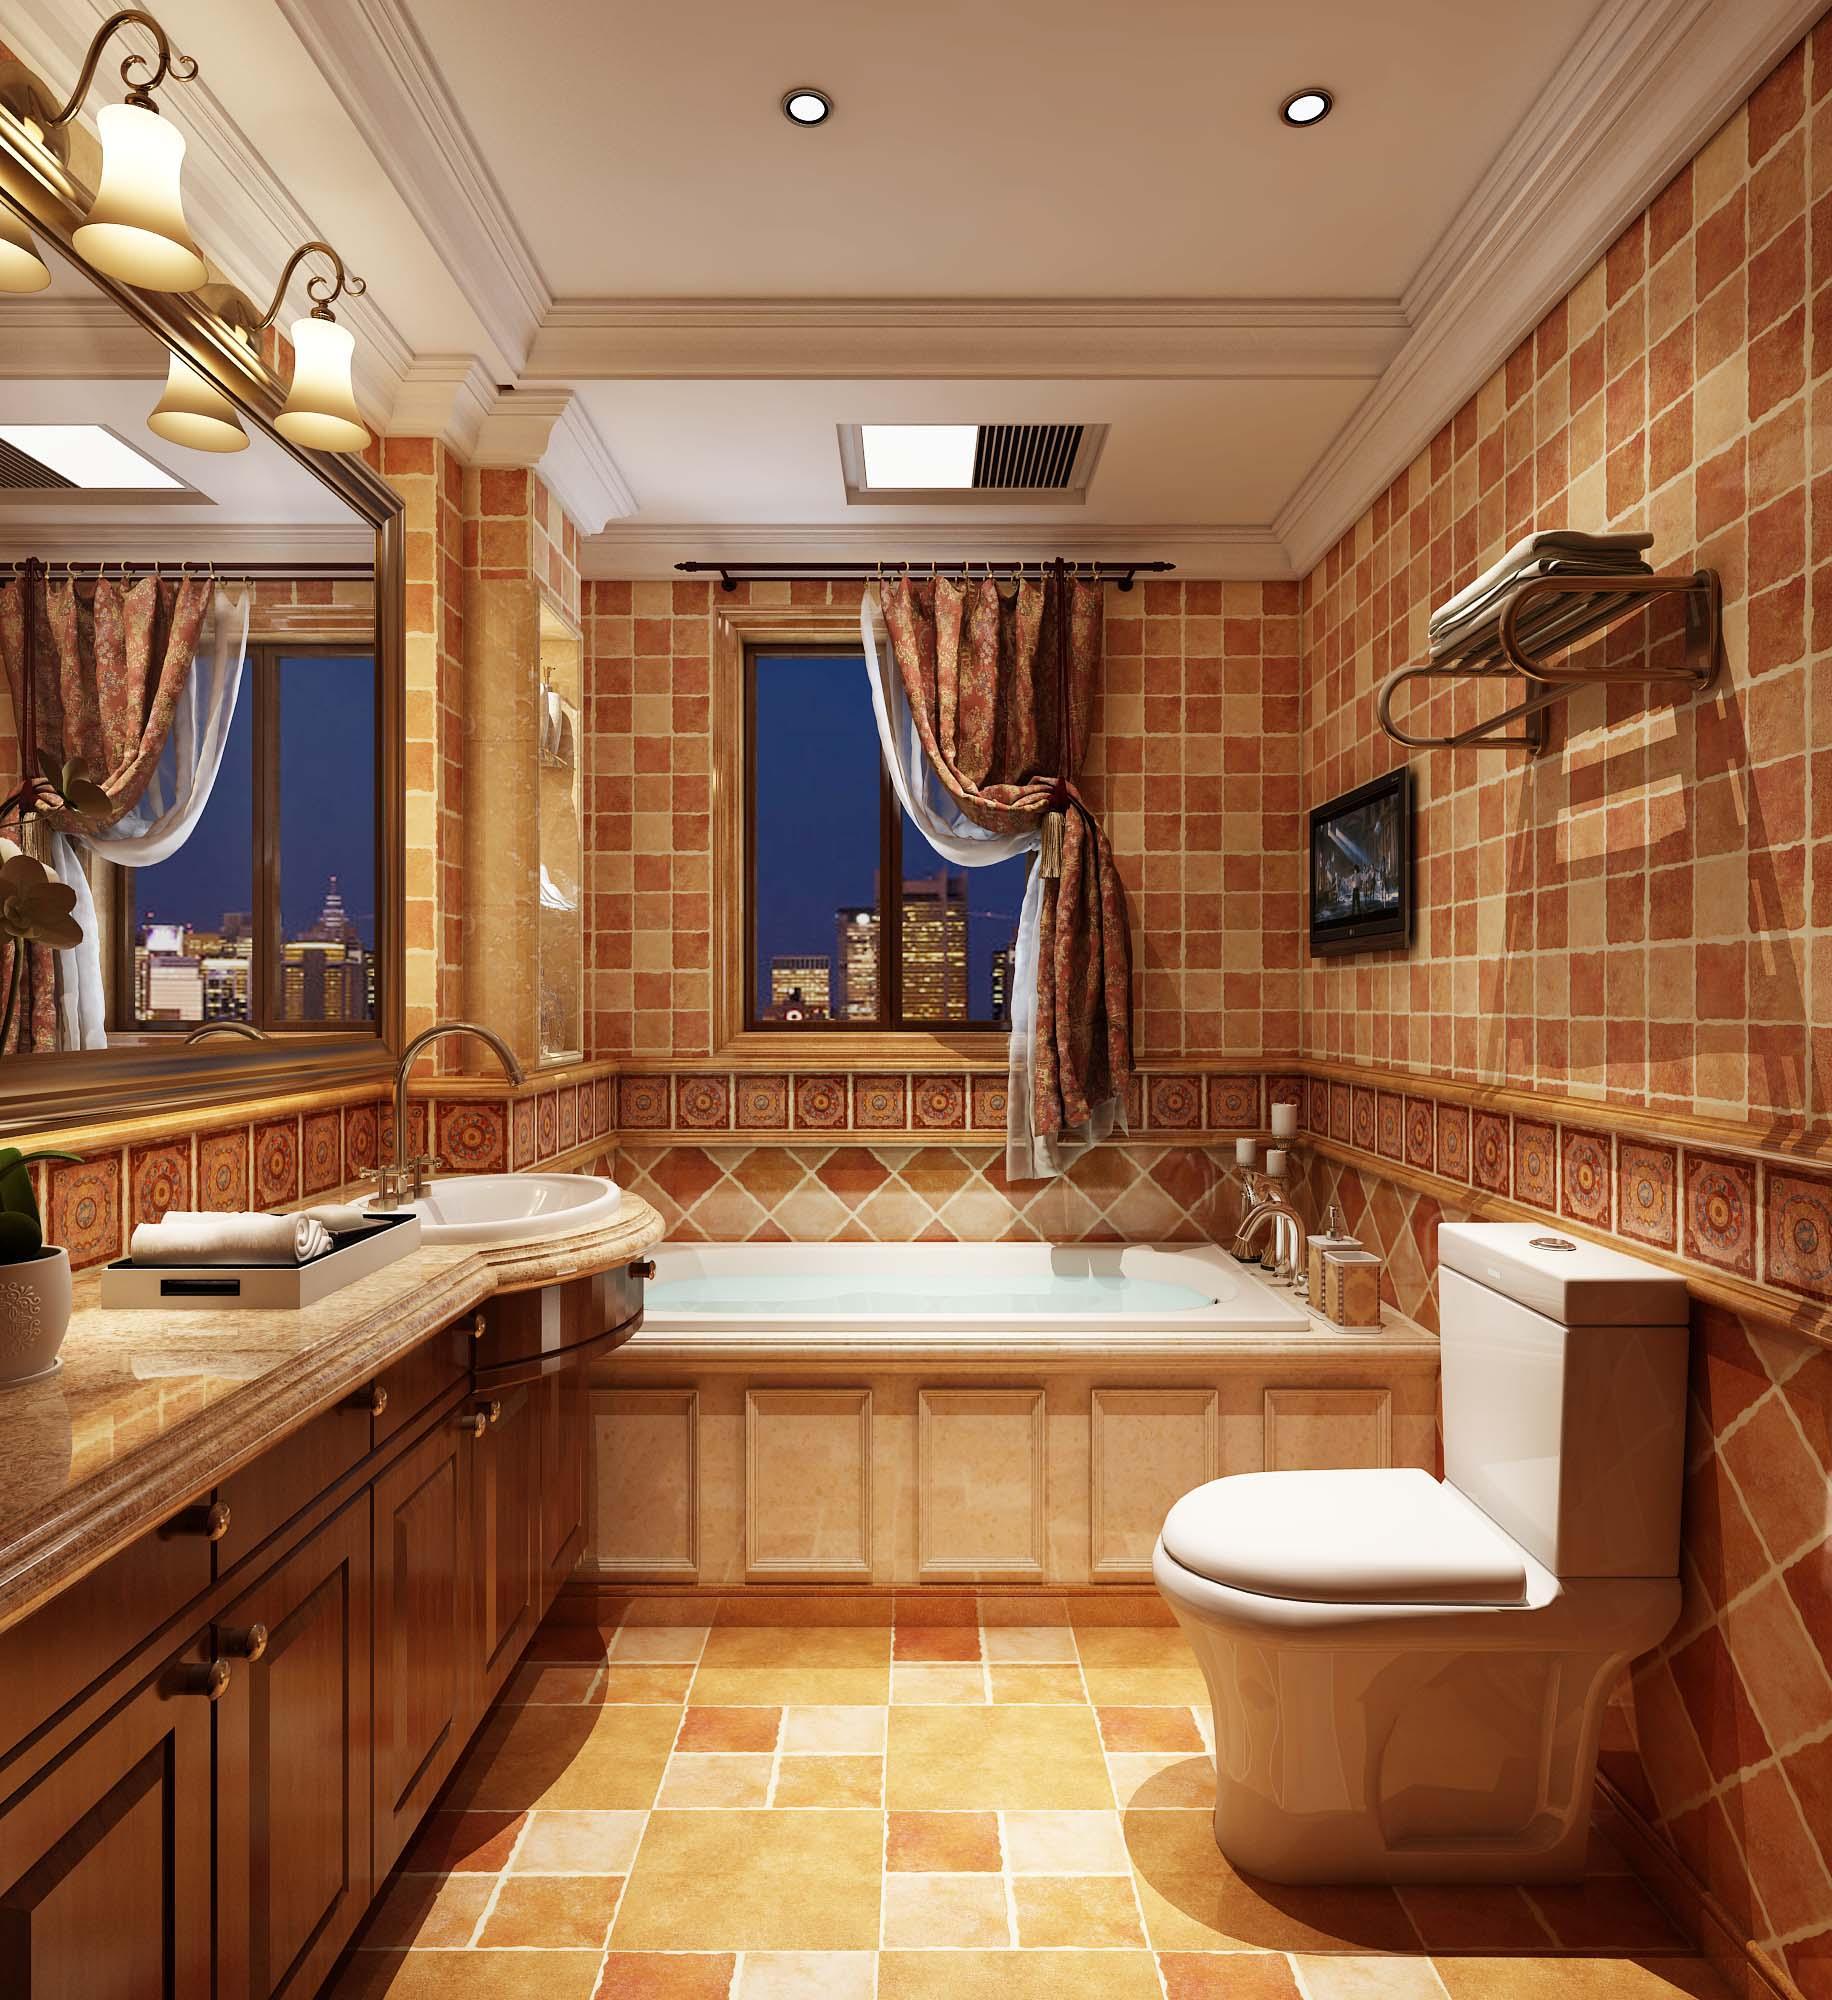 欧神诺yd803p美式田园-欧神诺瓷砖图片